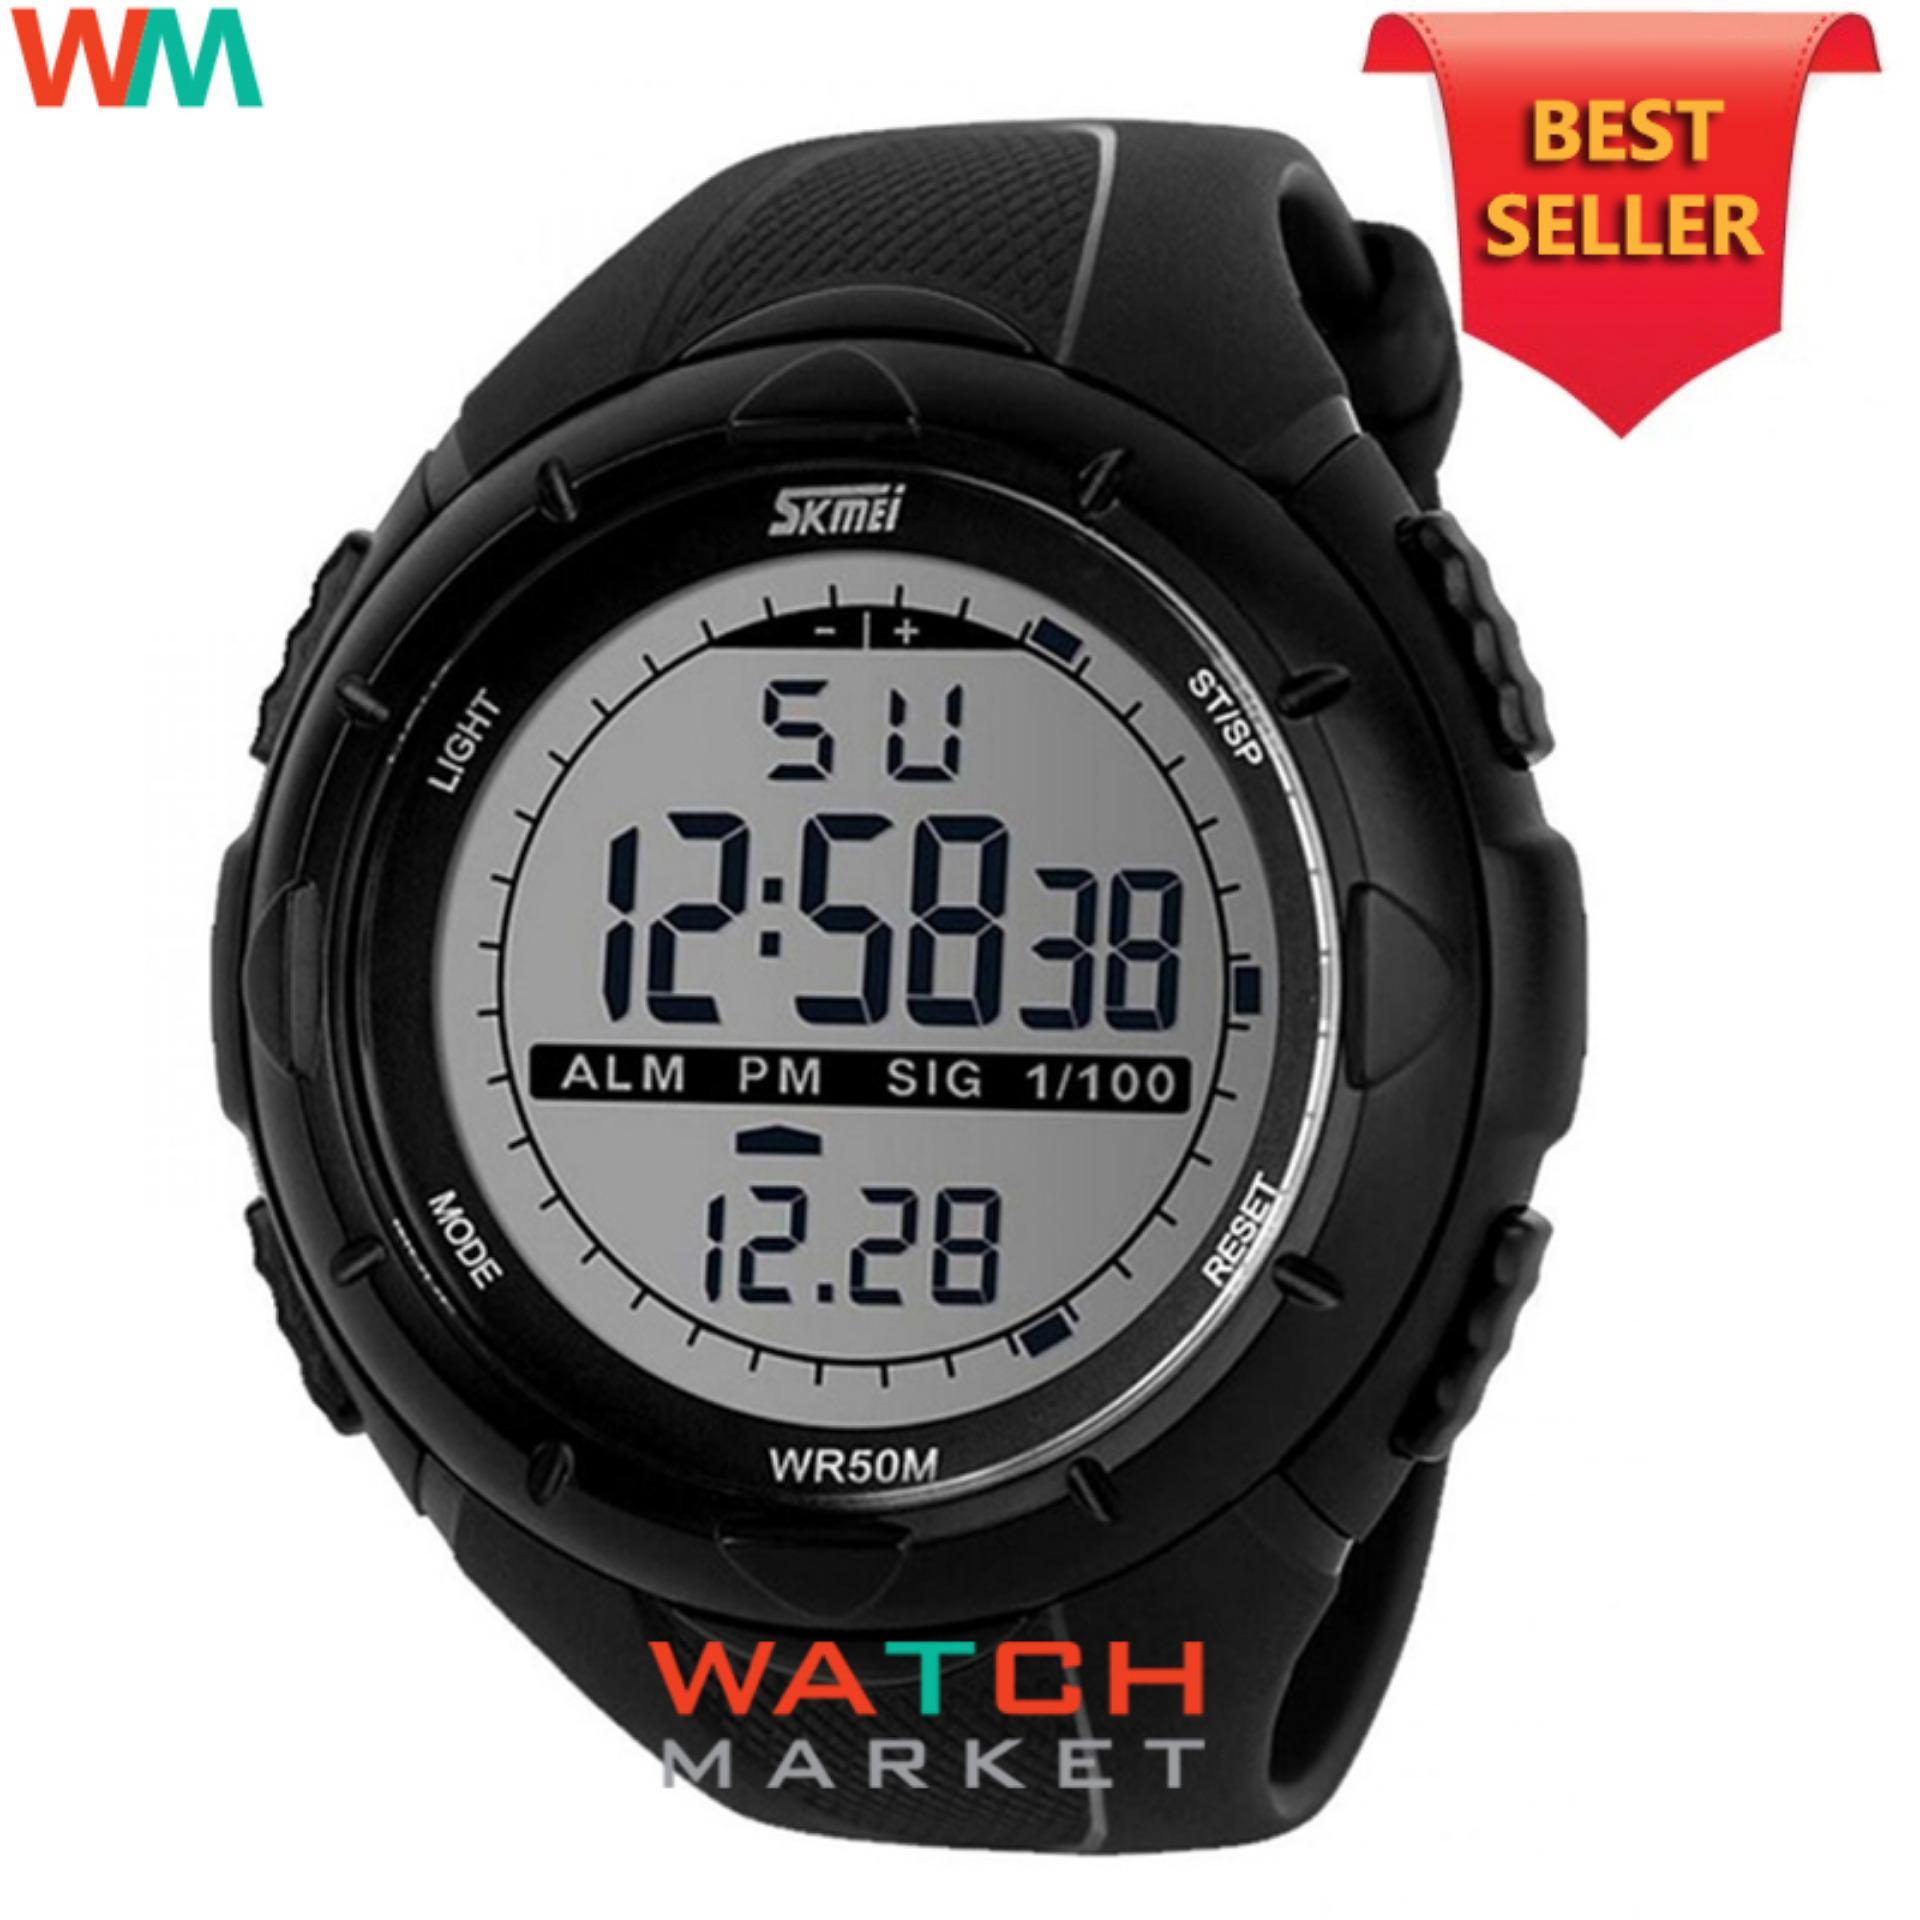 Skmei S Shock Digital Sport Watch Water Resistant 50m Jam Tangan 1335 Pria Wanita Dual Time Wateresistant Unisex Tali Rubber Karet